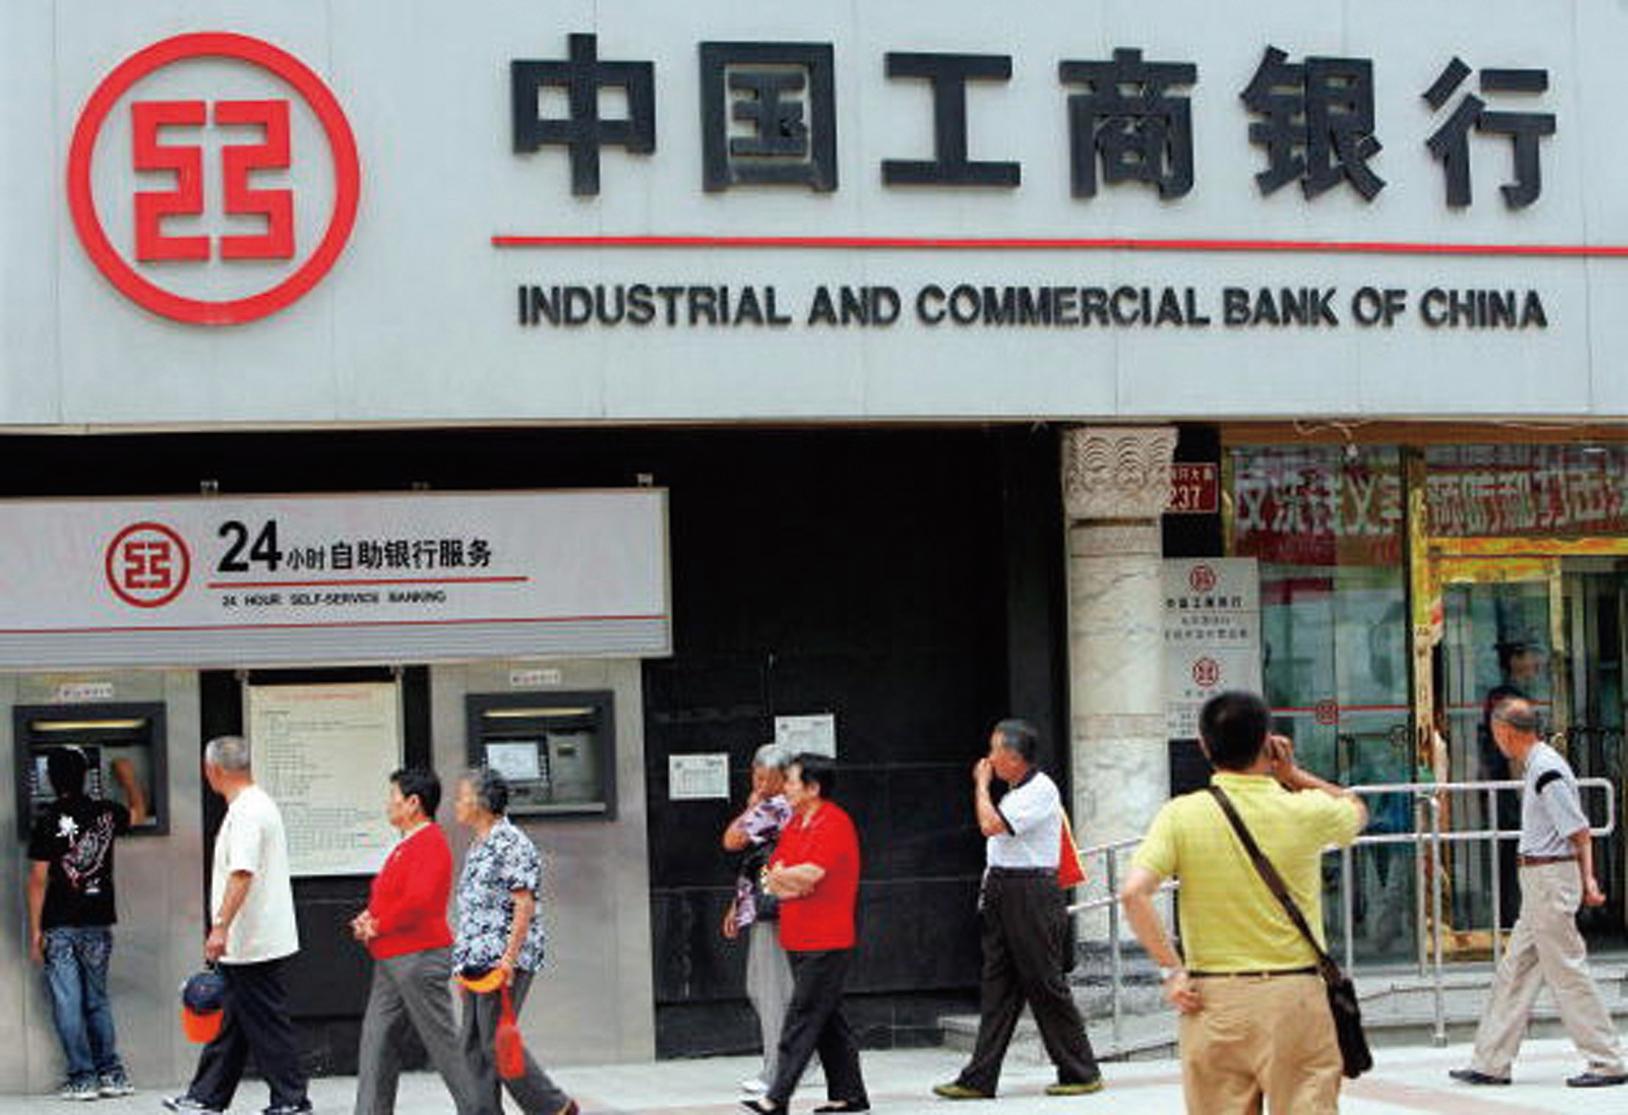 位於北京的中國工商銀行。(TEH ENG KOON/AFP/Getty Images)